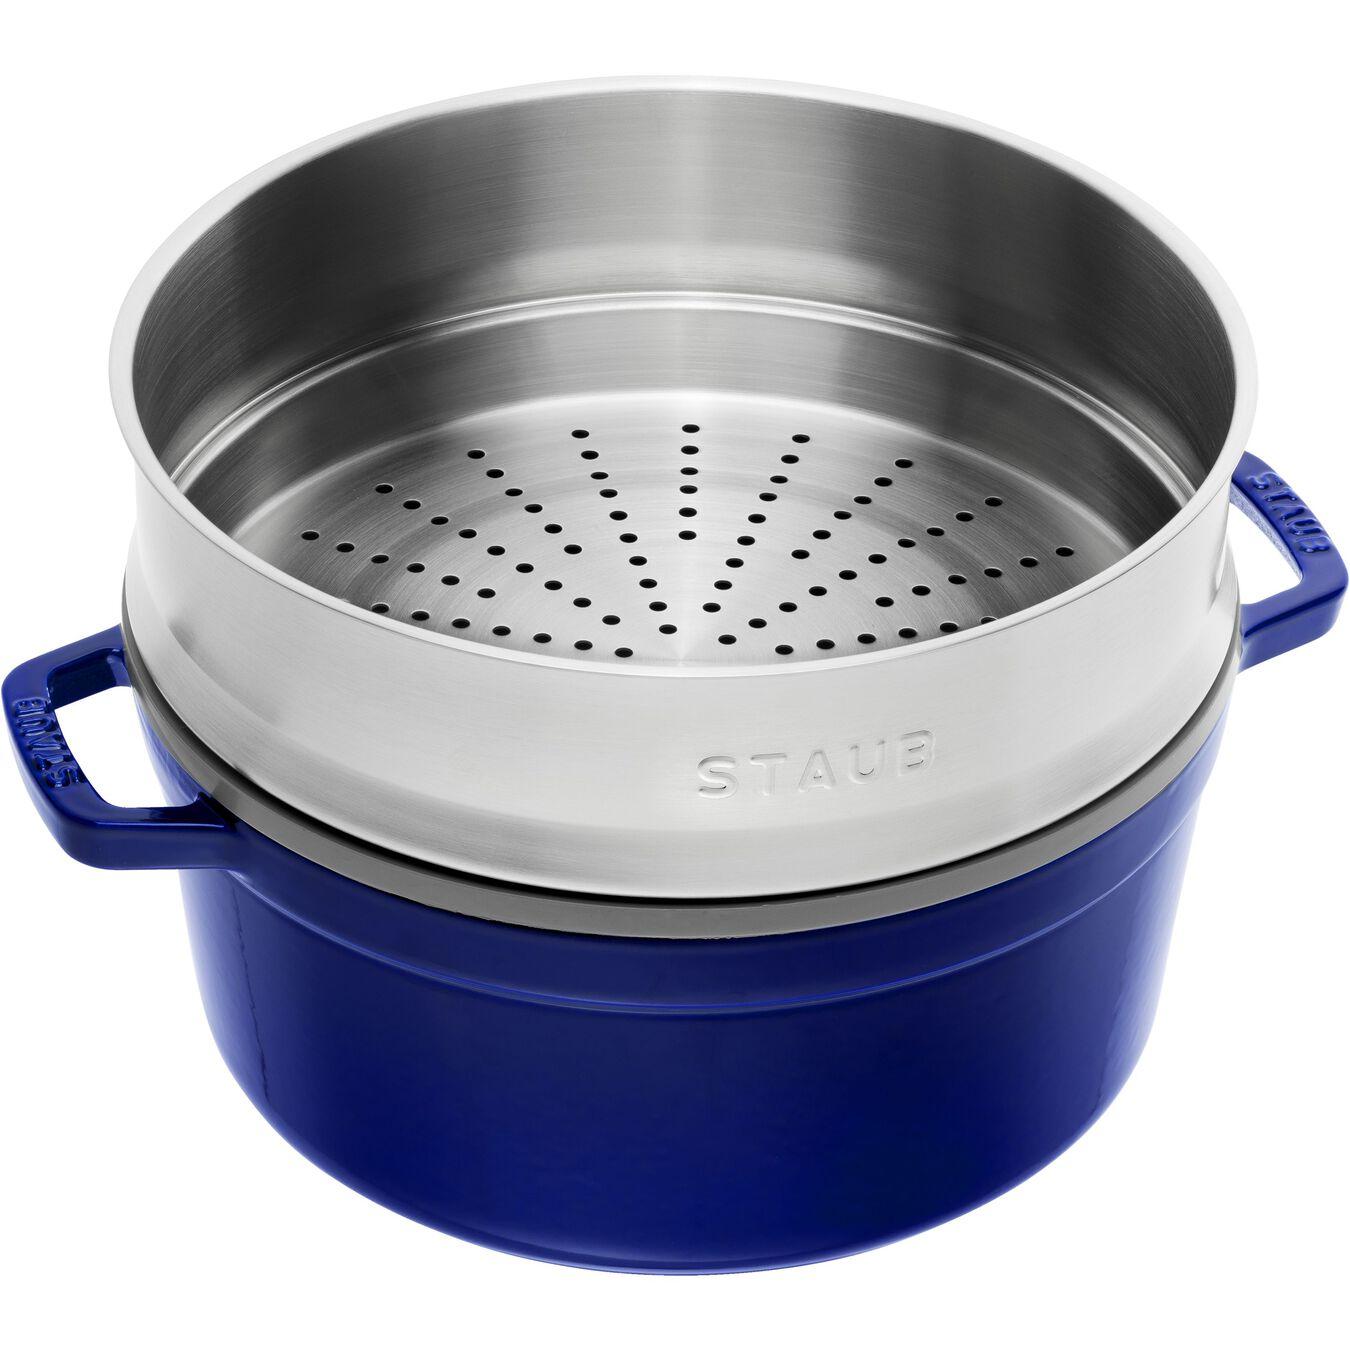 Cocotte avec panier vapeur 26 cm, Rond(e), Bleu intense, Fonte,,large 3